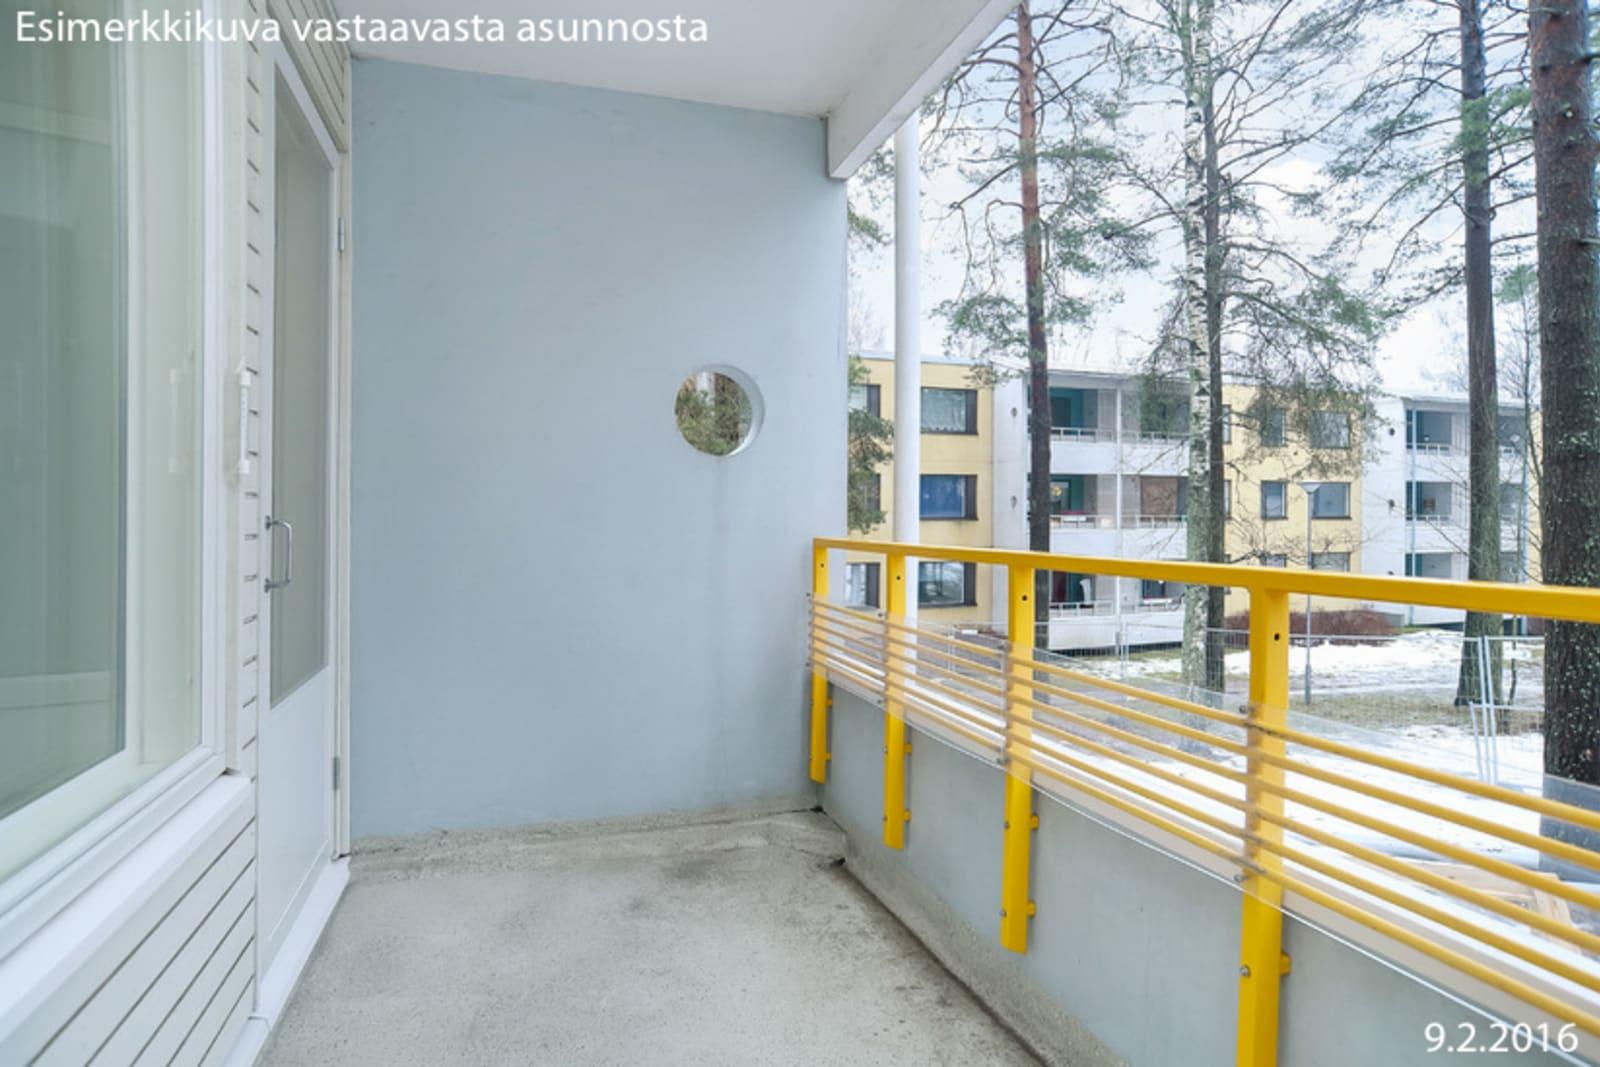 Espoo, Laajalahti, Heinjoenpolku 2 G-J G 043